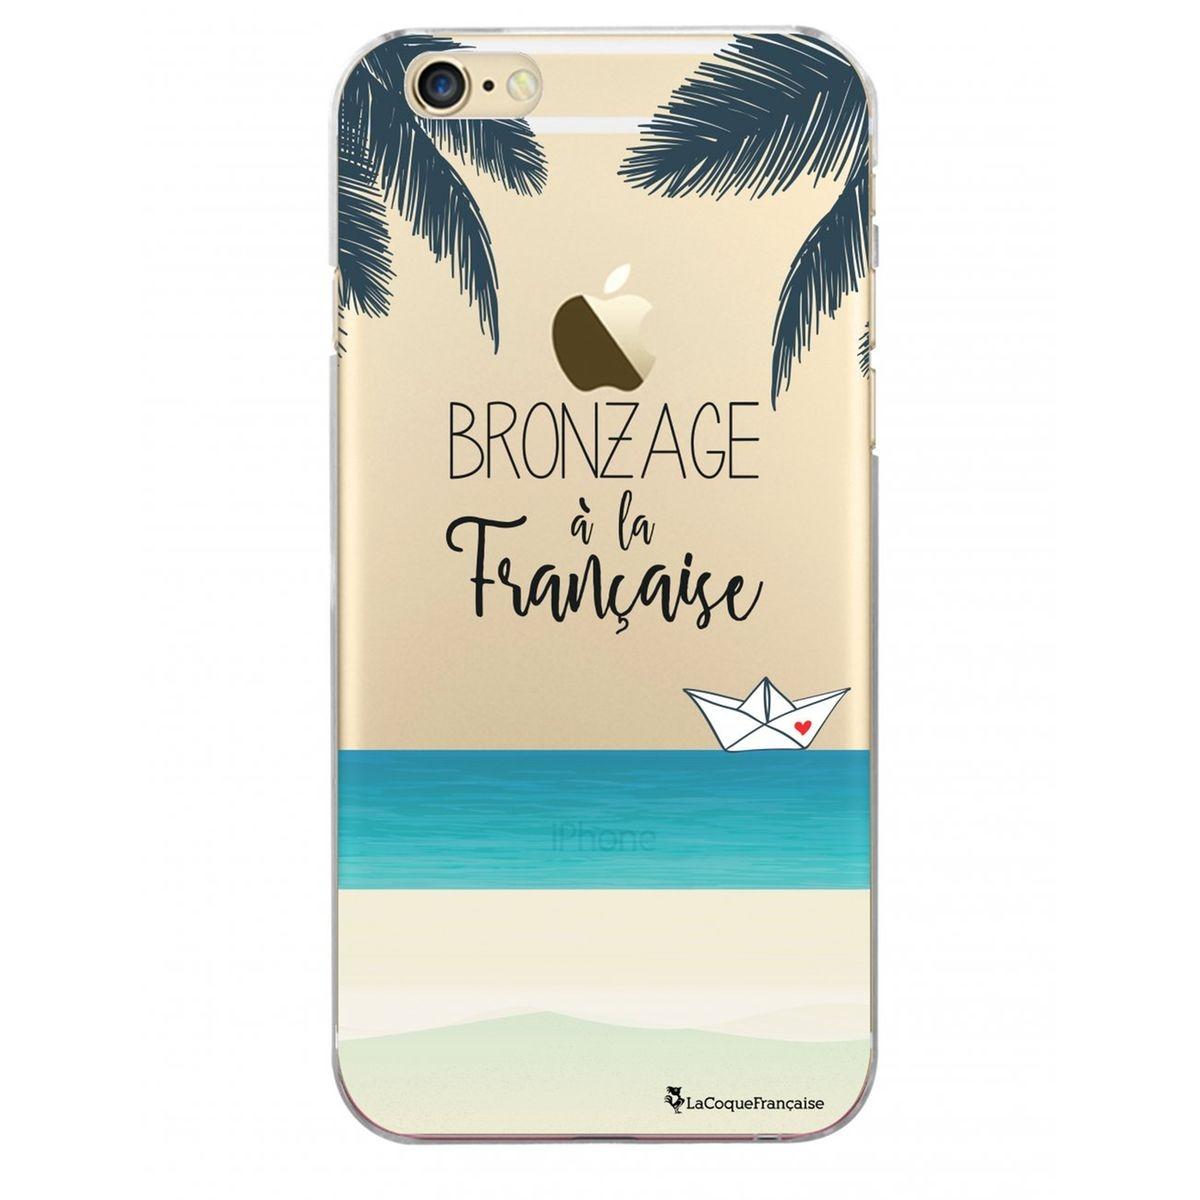 Coque iPhone 6 iPhone 6S rigide transparente, Bronzage à la française, La Coque Francaise®